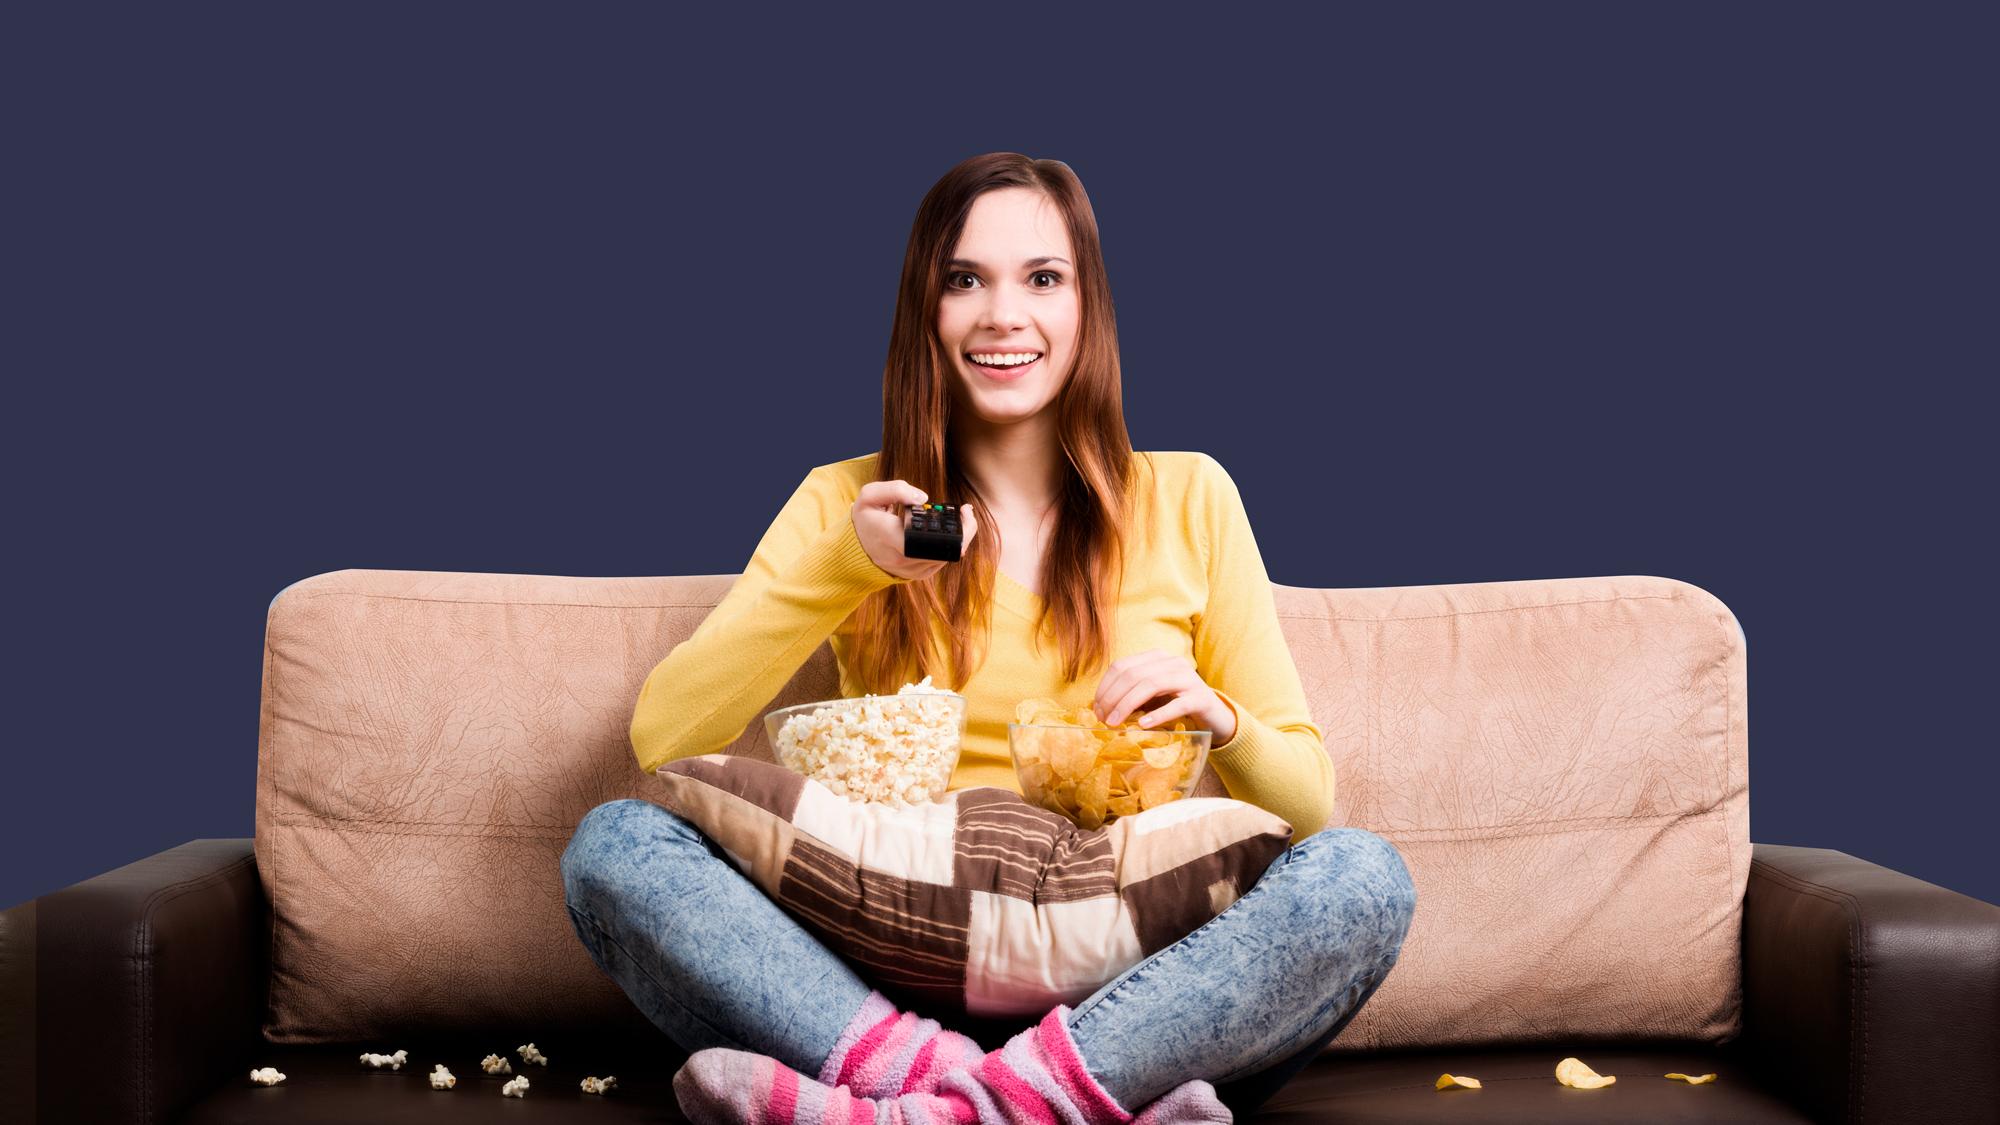 Бюджетные телевизоры лагают и быстро ломаются, но есть исключения. 7 качественных брендов, о которых вы не знали